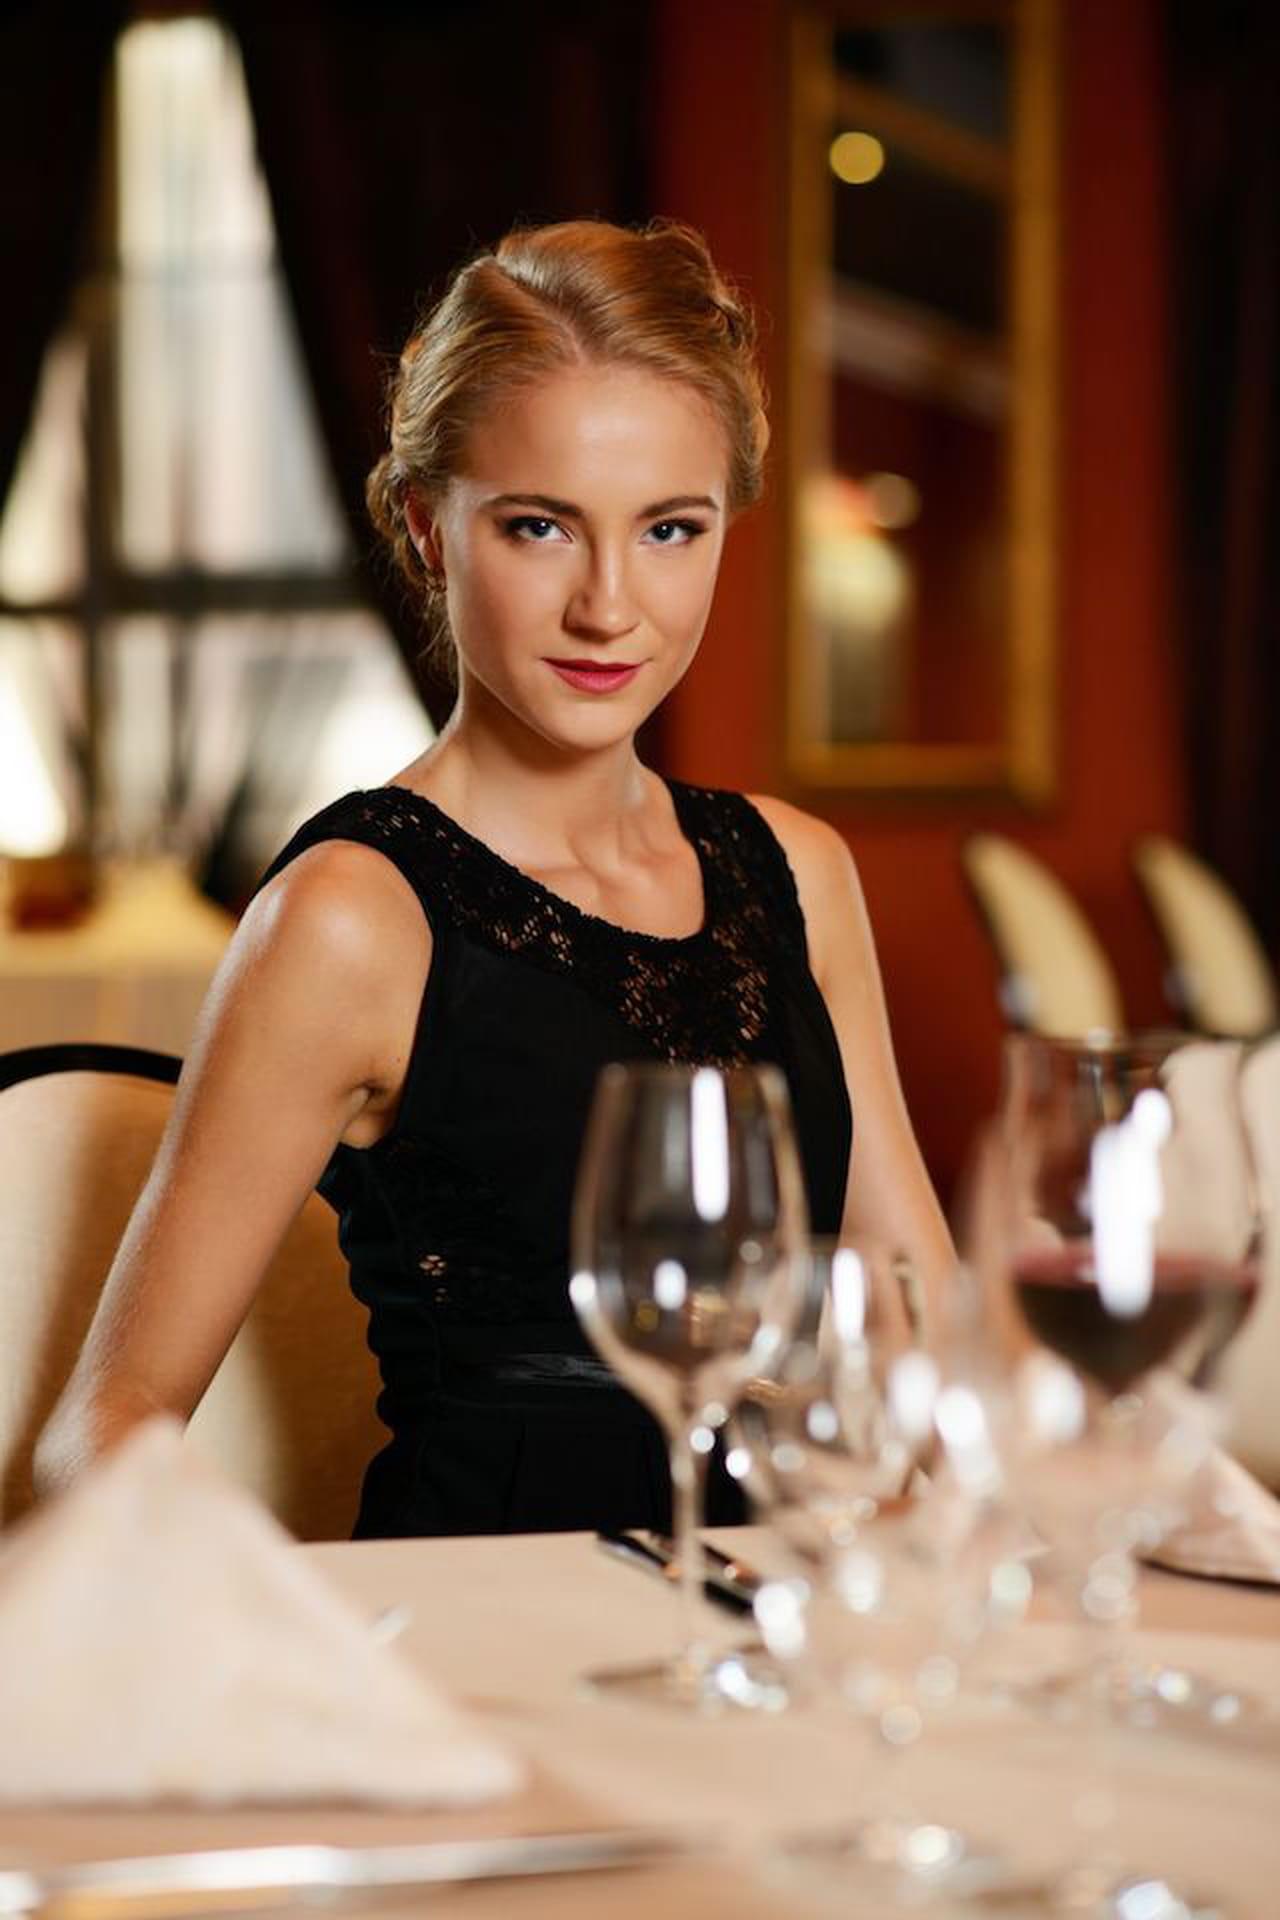 Galateo a tavola regole per commensali impeccabili - Regole del galateo a tavola ...